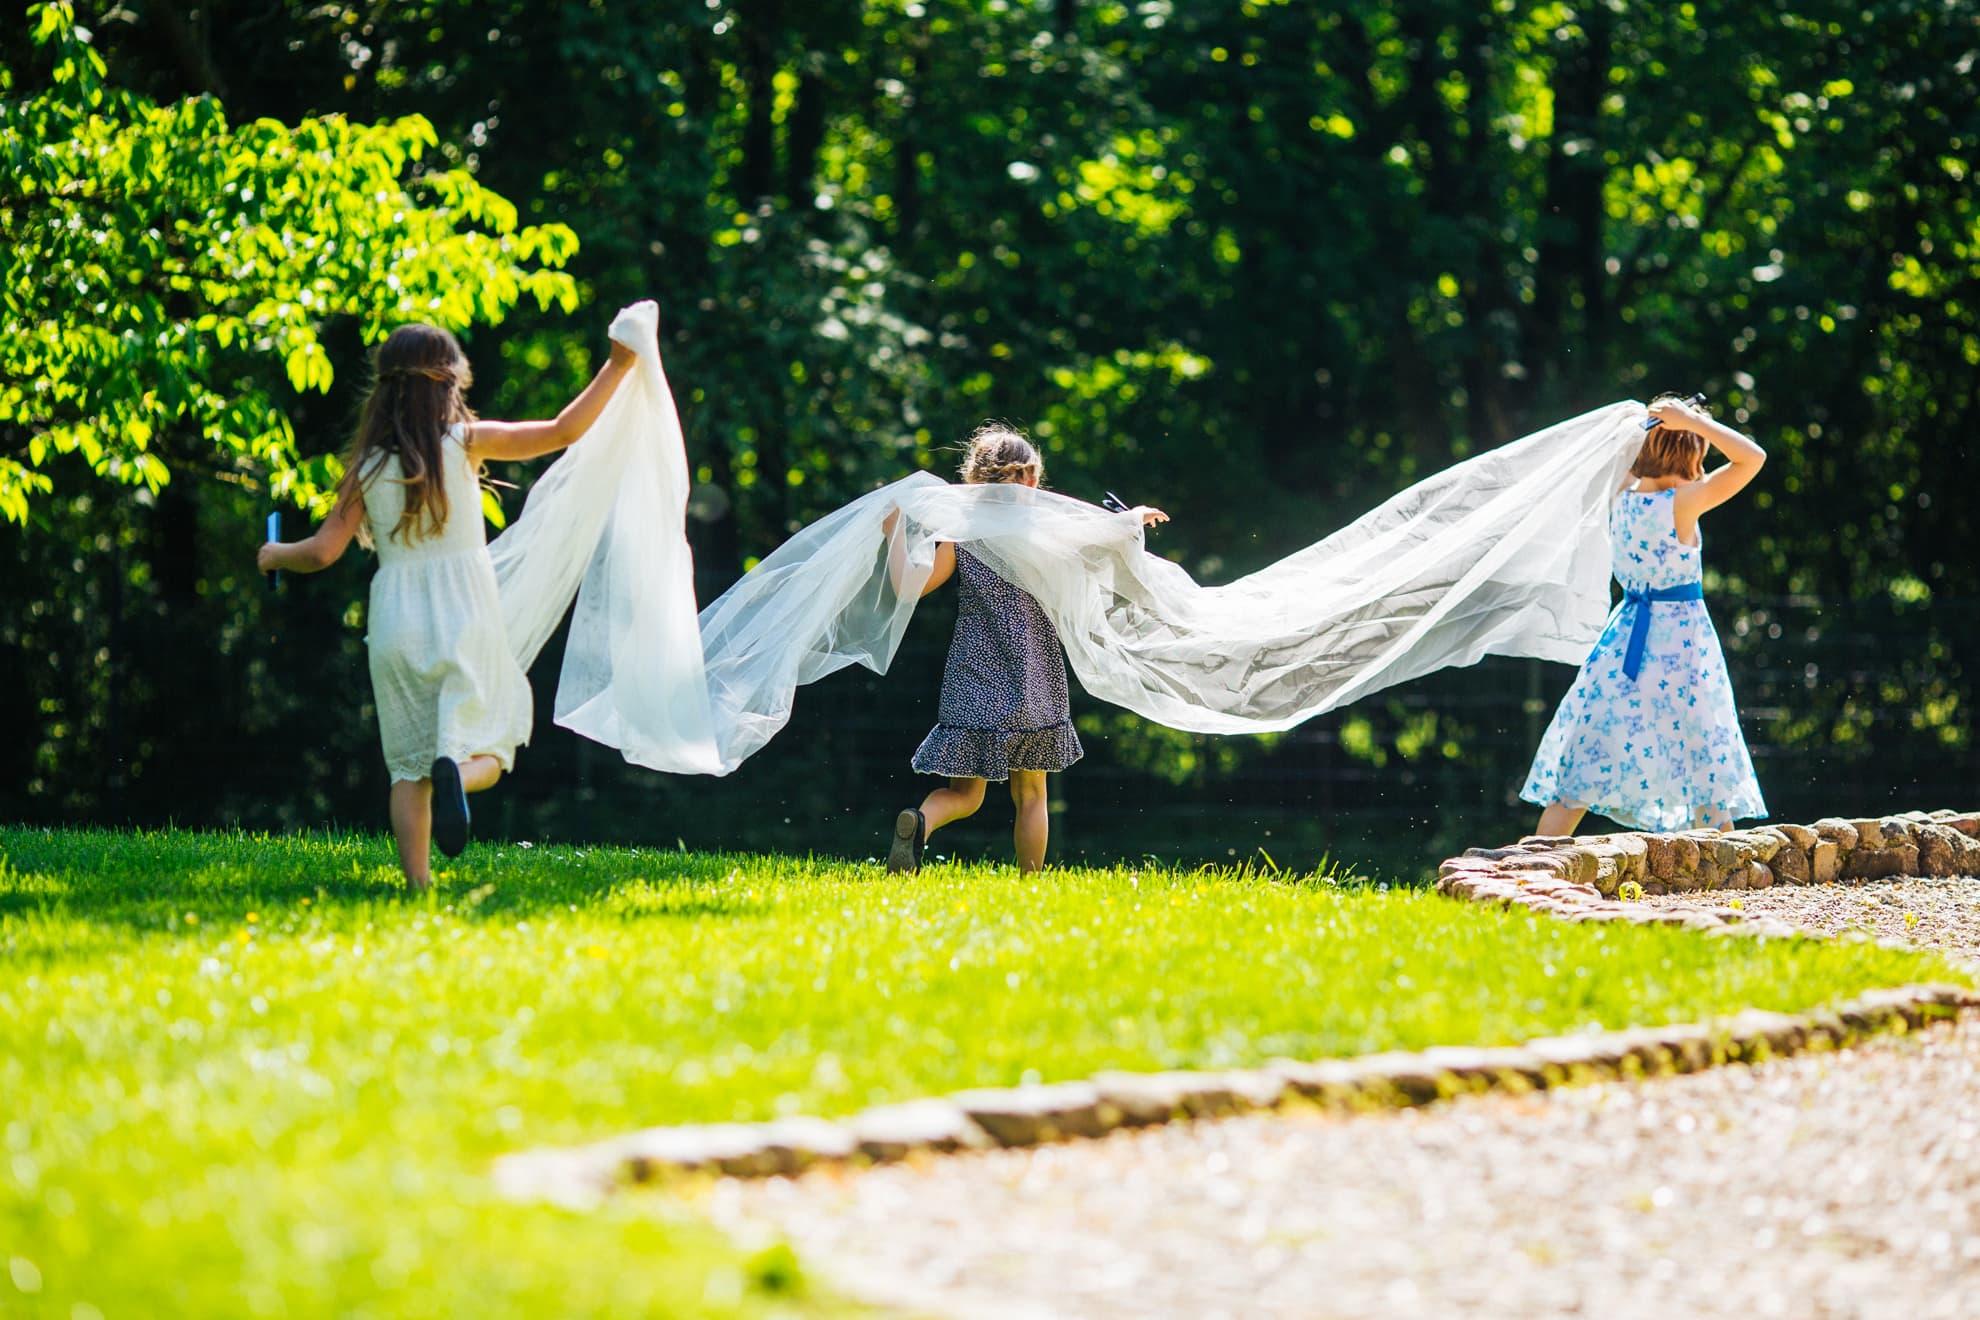 Fotografenpaar aus Lübeck, Hochzeit Hochzeitsfotos Hochzeitsfotograf Fotograf Mölln, Scharbeutz,Timmendorf Lübeck - Hochzeitsreportage von Karoline und Thomas Eure Hochzeitsfotografen, www.studioamkanal.de